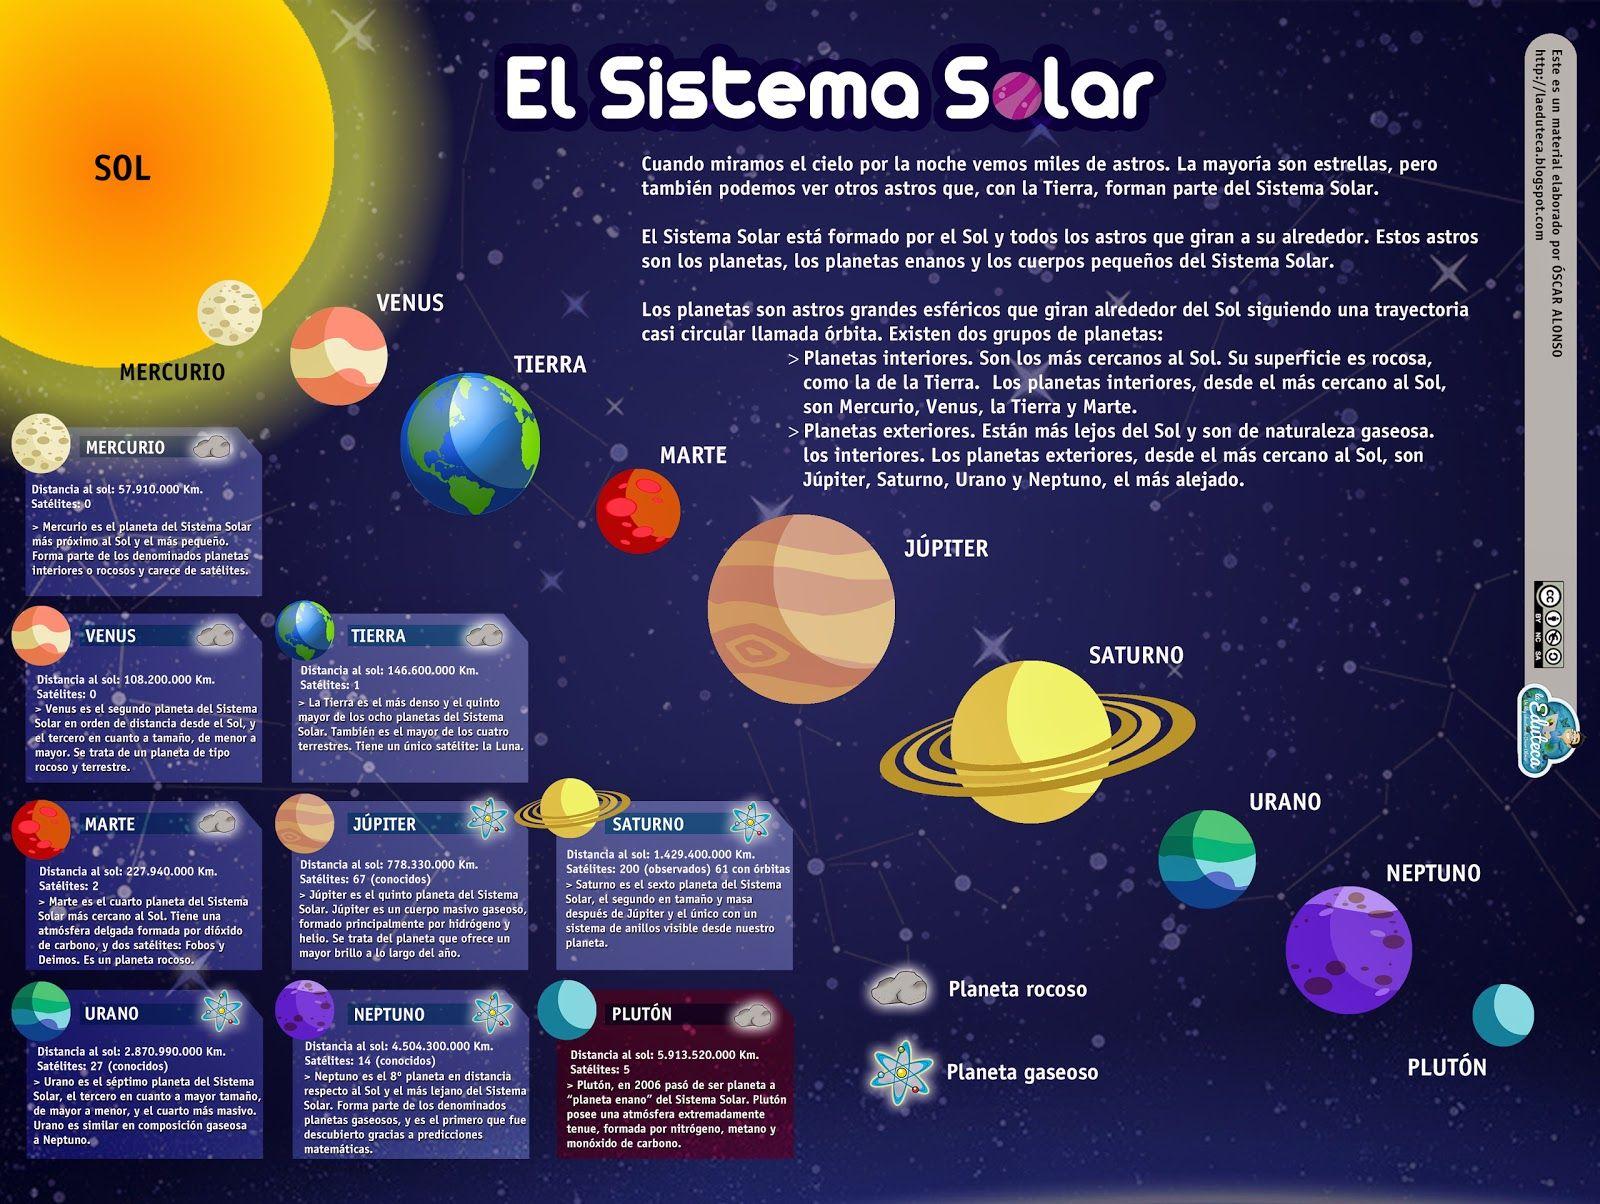 Esquema sobre el Sistema solar, con información sobre cada uno de ...